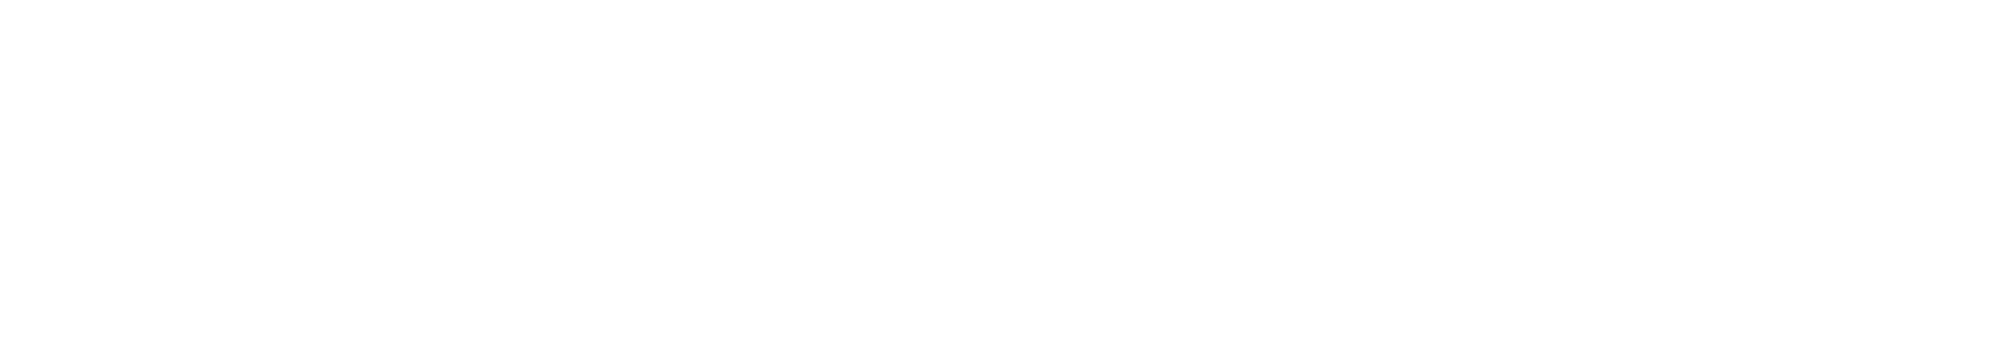 mic_fmf_web_full